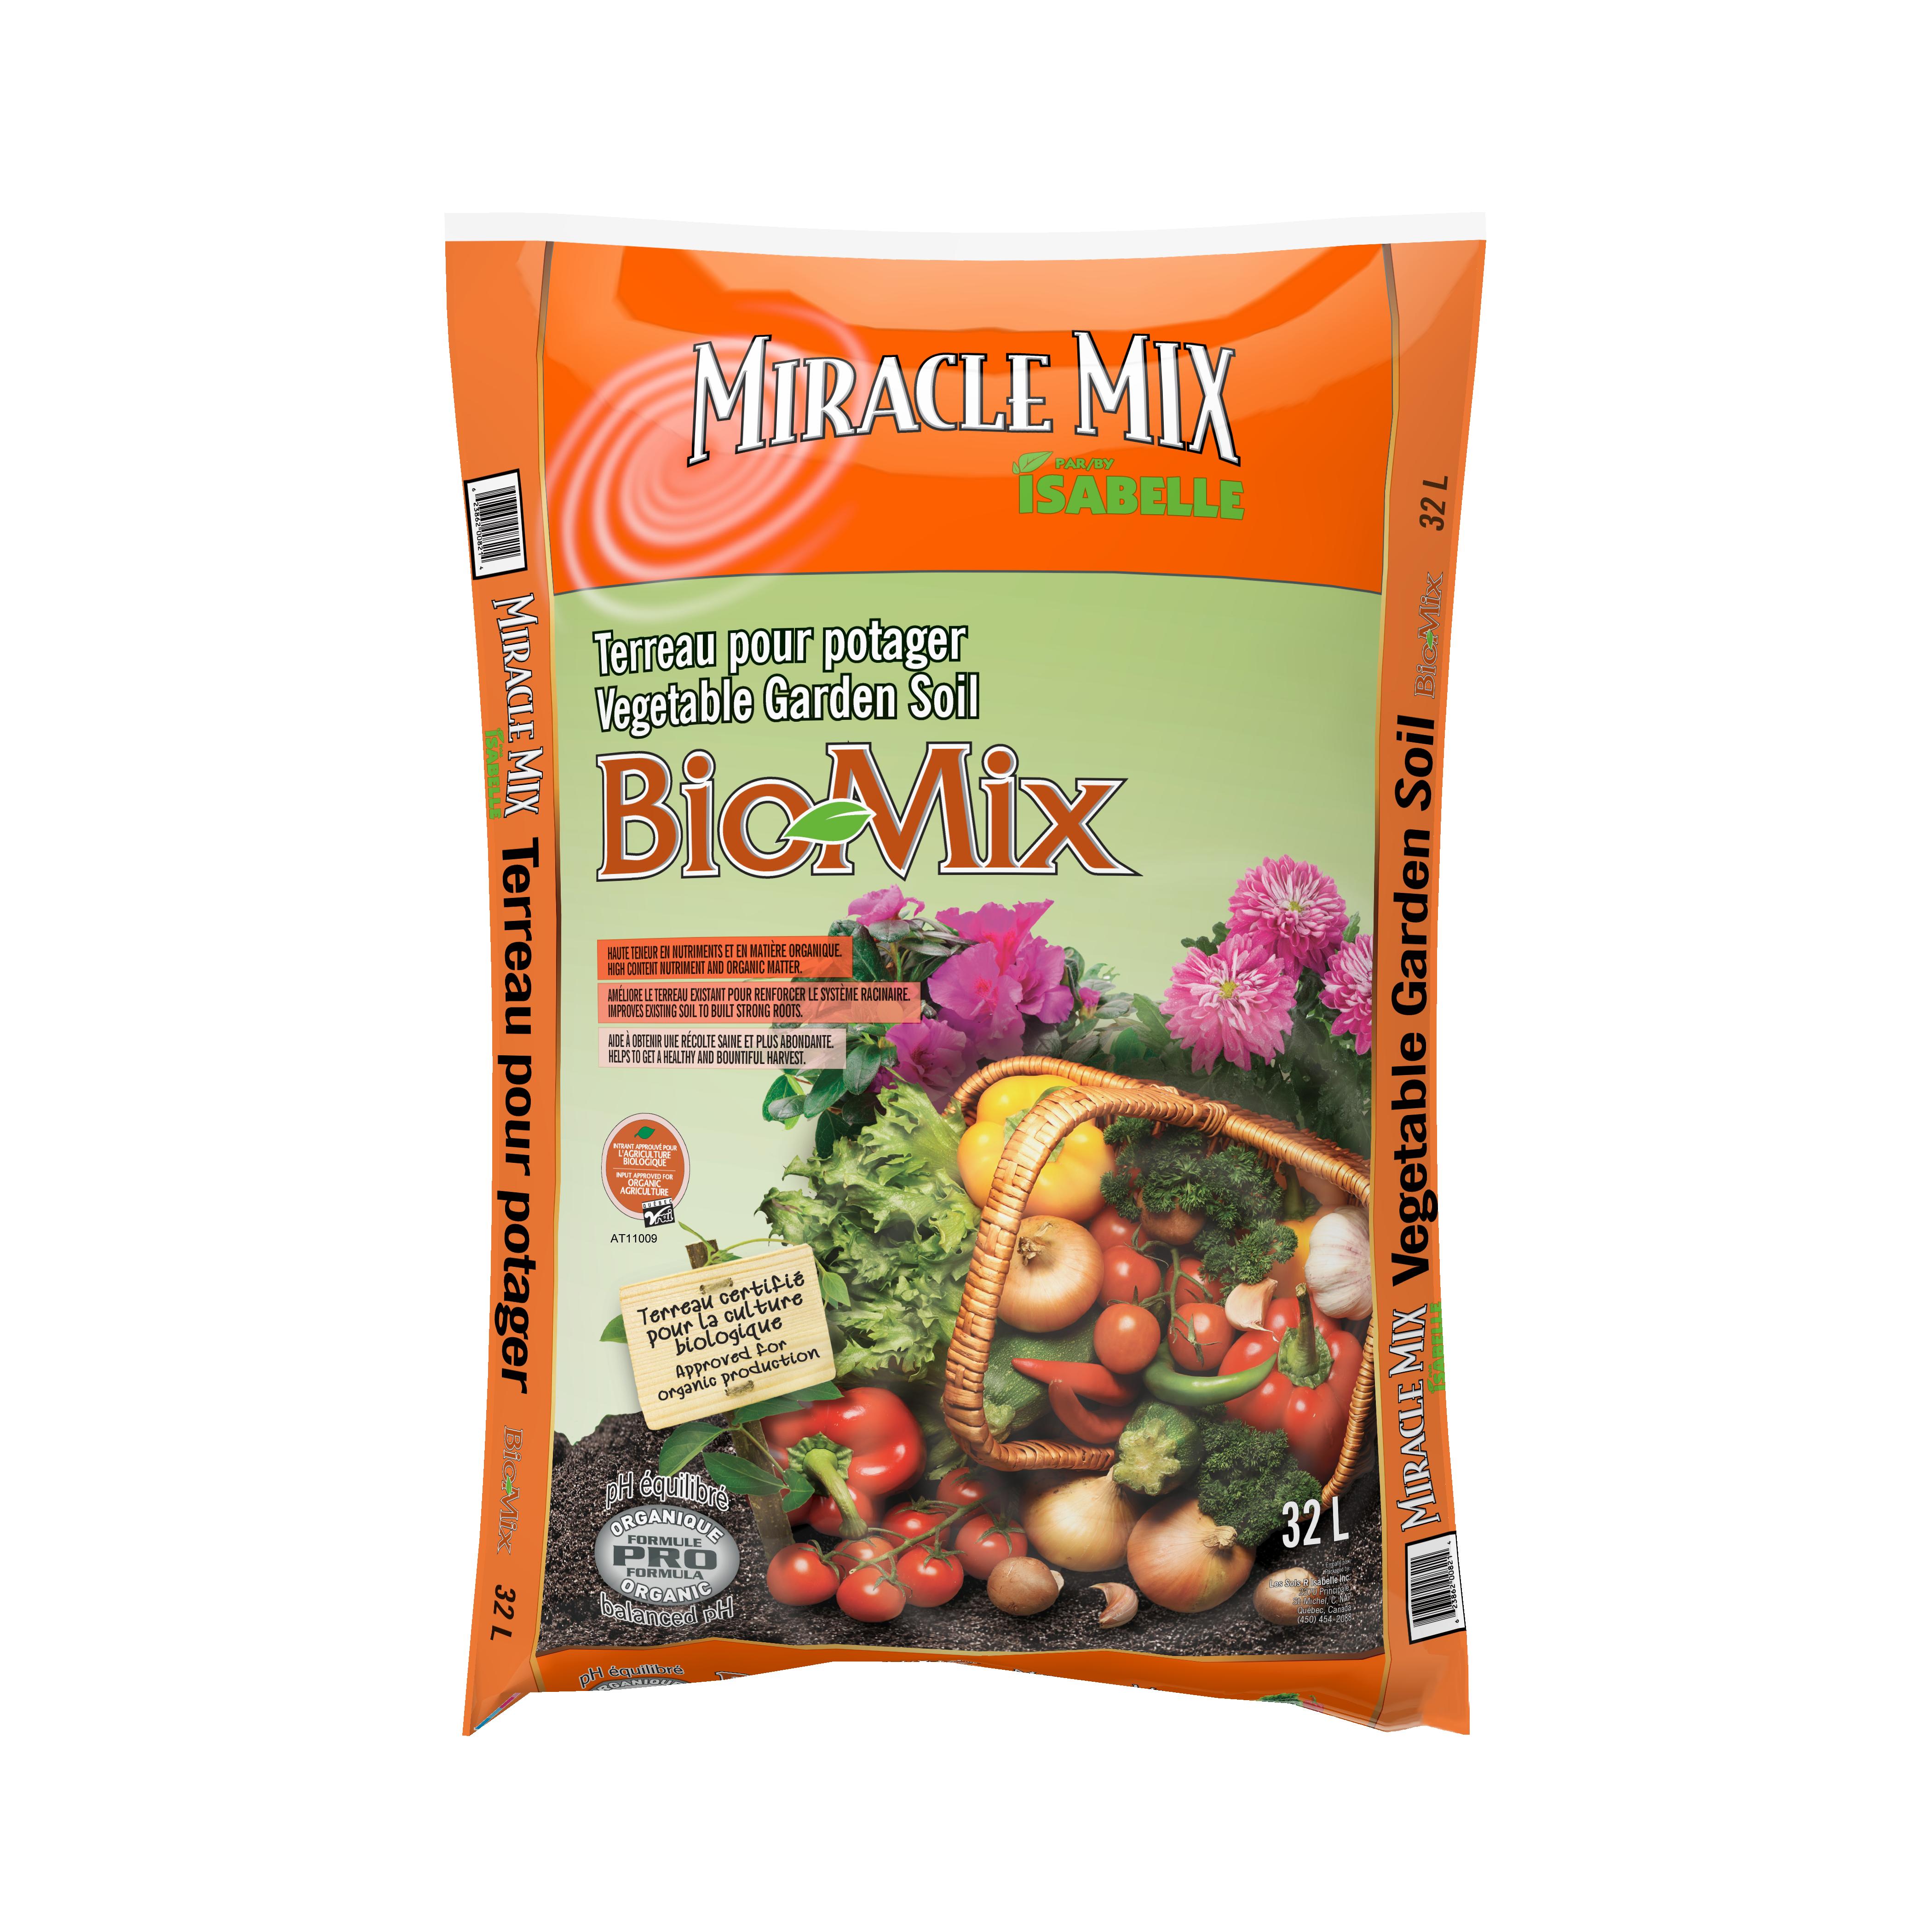 BioMix AT11009